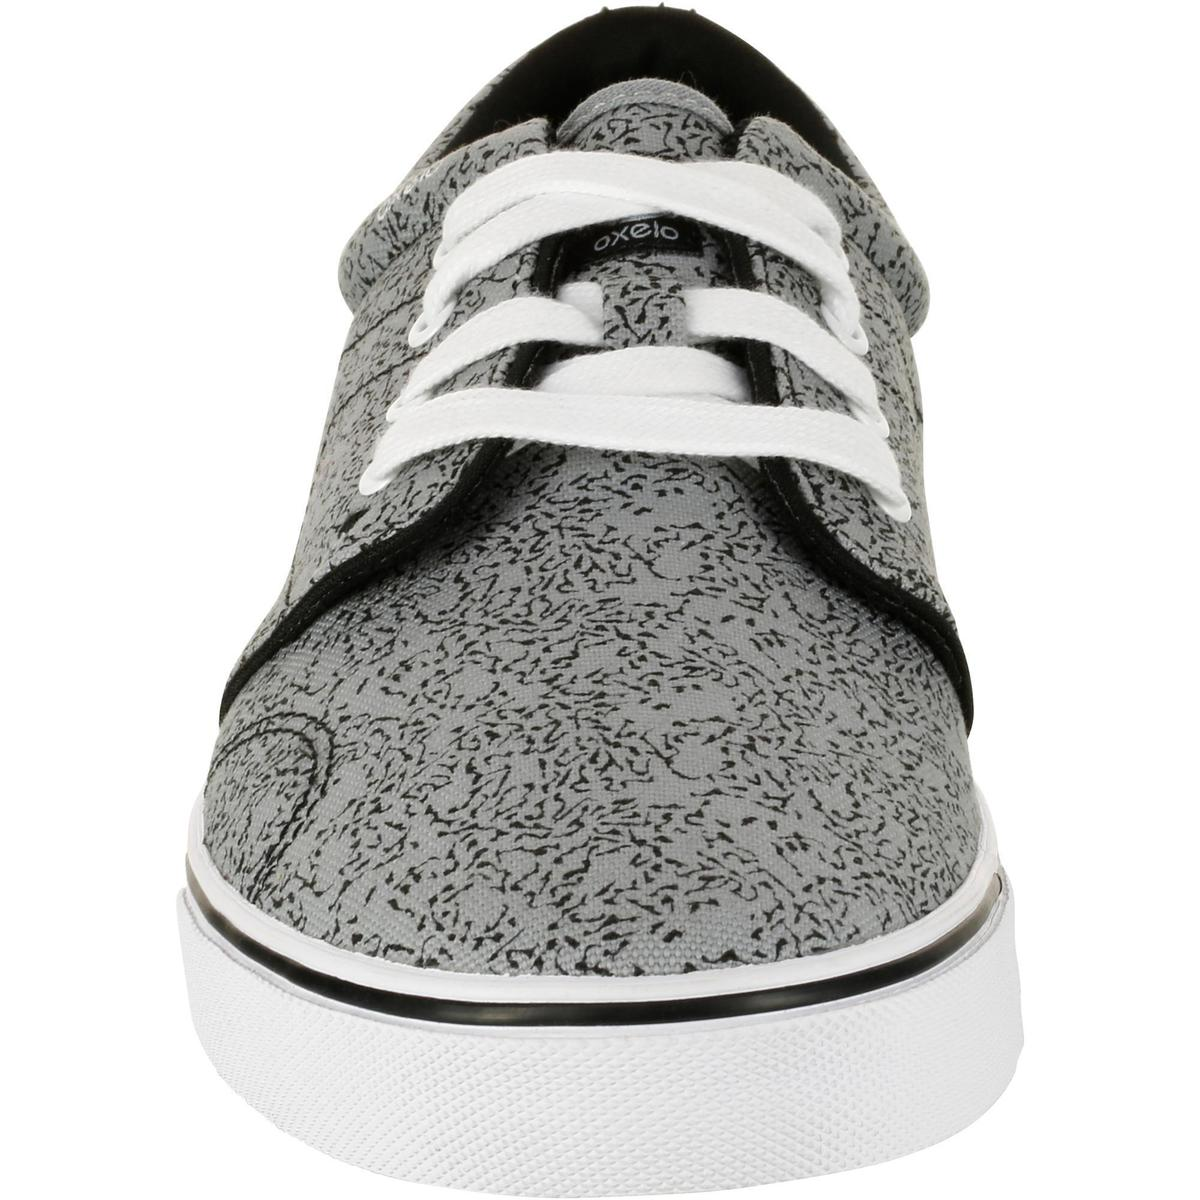 Bild 4 von Skaterschuhe Sneaker Vulca Canvas Erwachsene grau